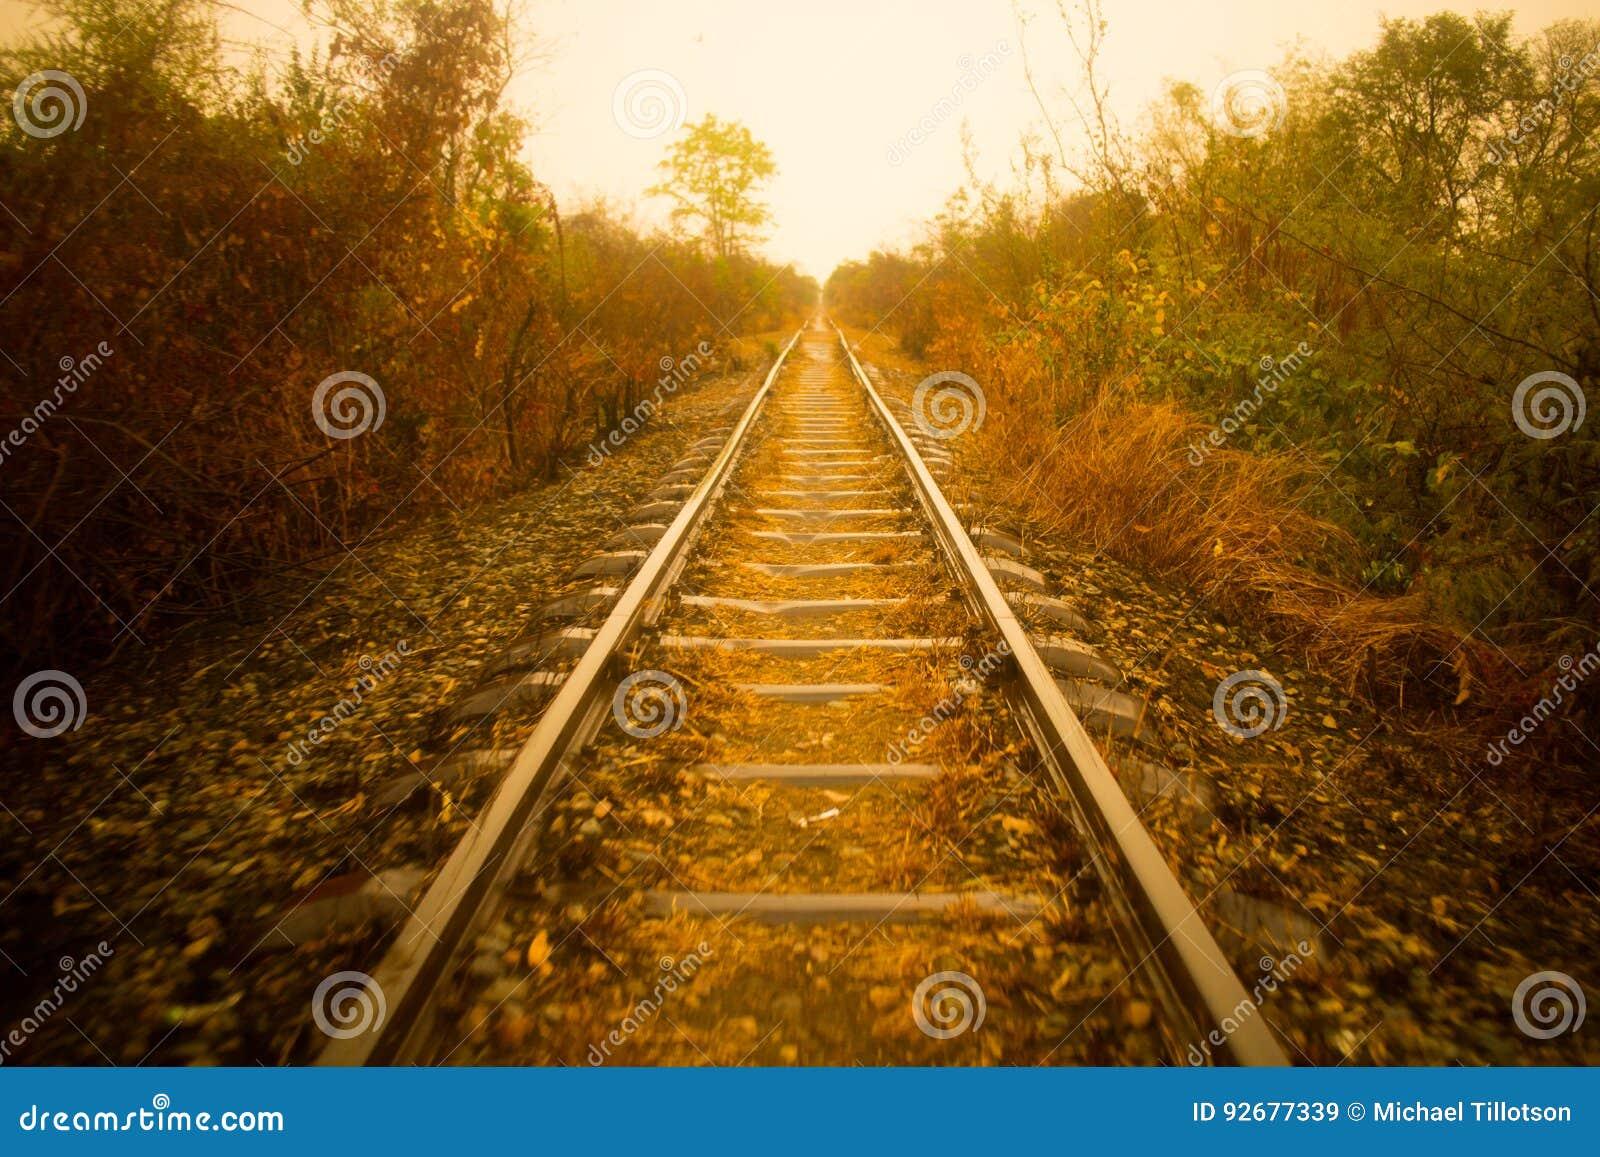 Alte verlassene Eisenbahn-Bahngleise